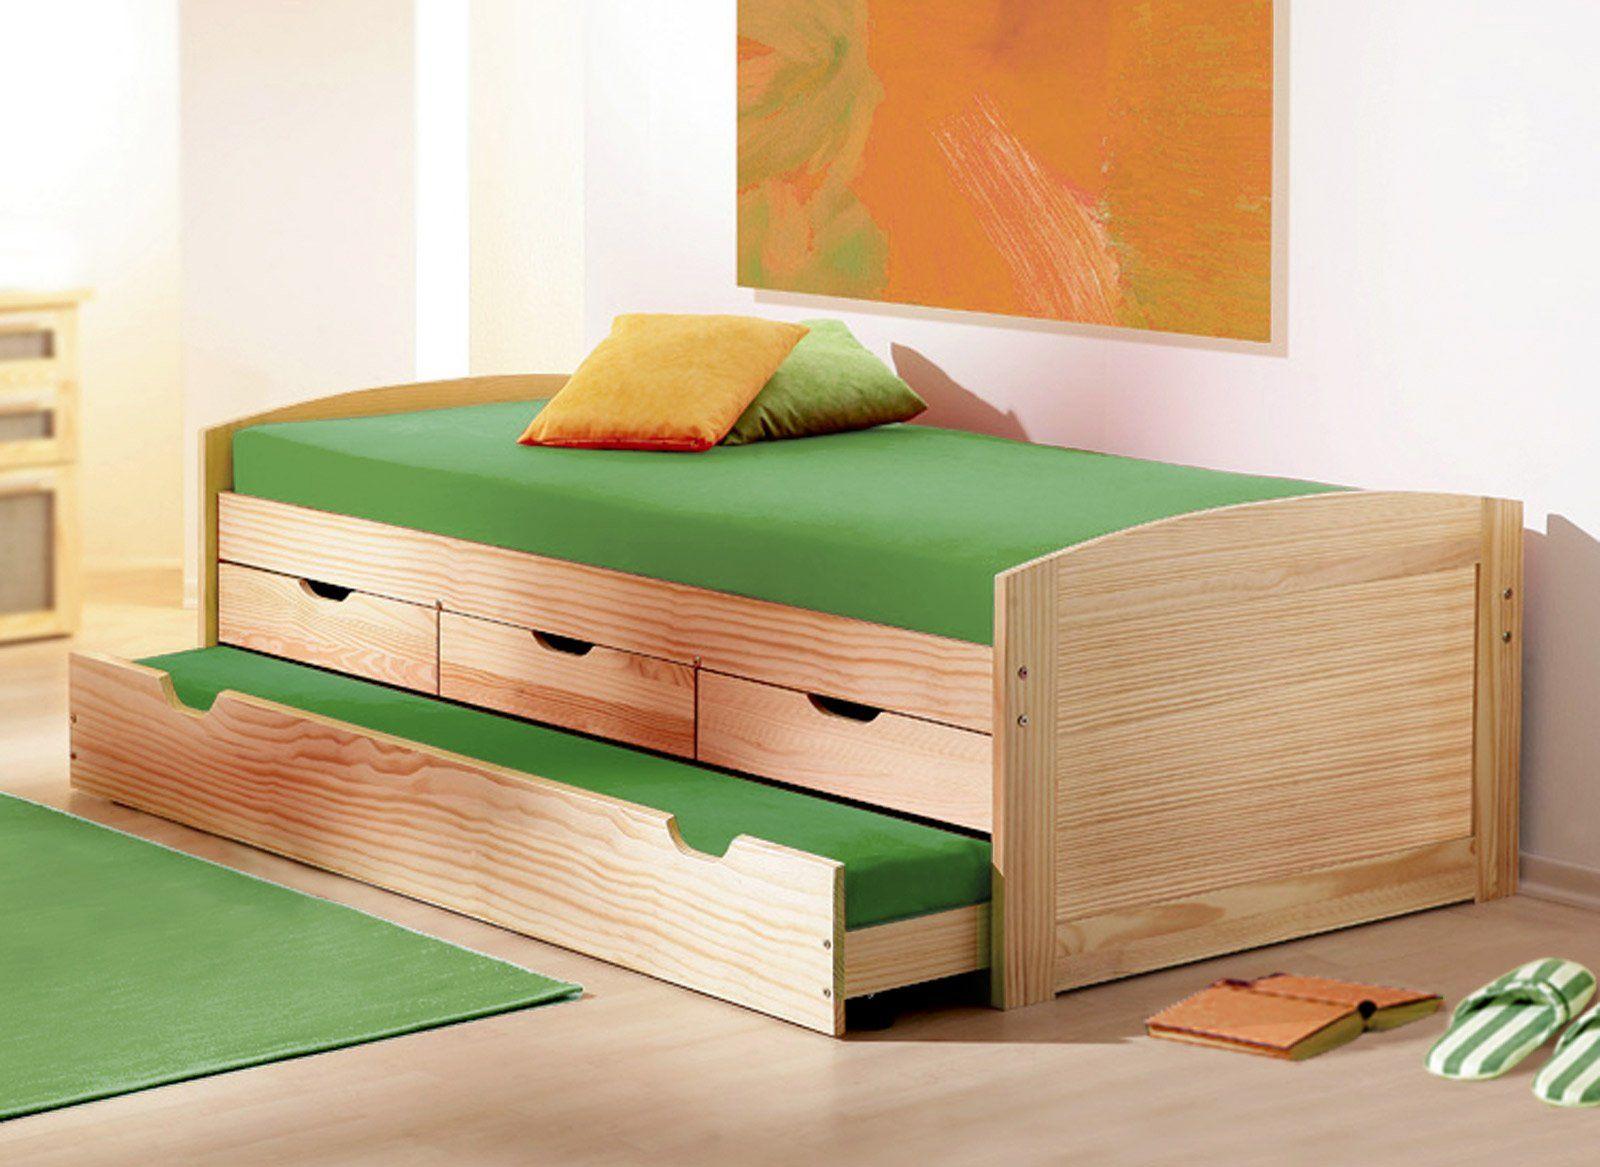 Bett Mit Bett Zum Ausziehen In 2020 Ausziehbett Bett Bett Mit Bettkasten